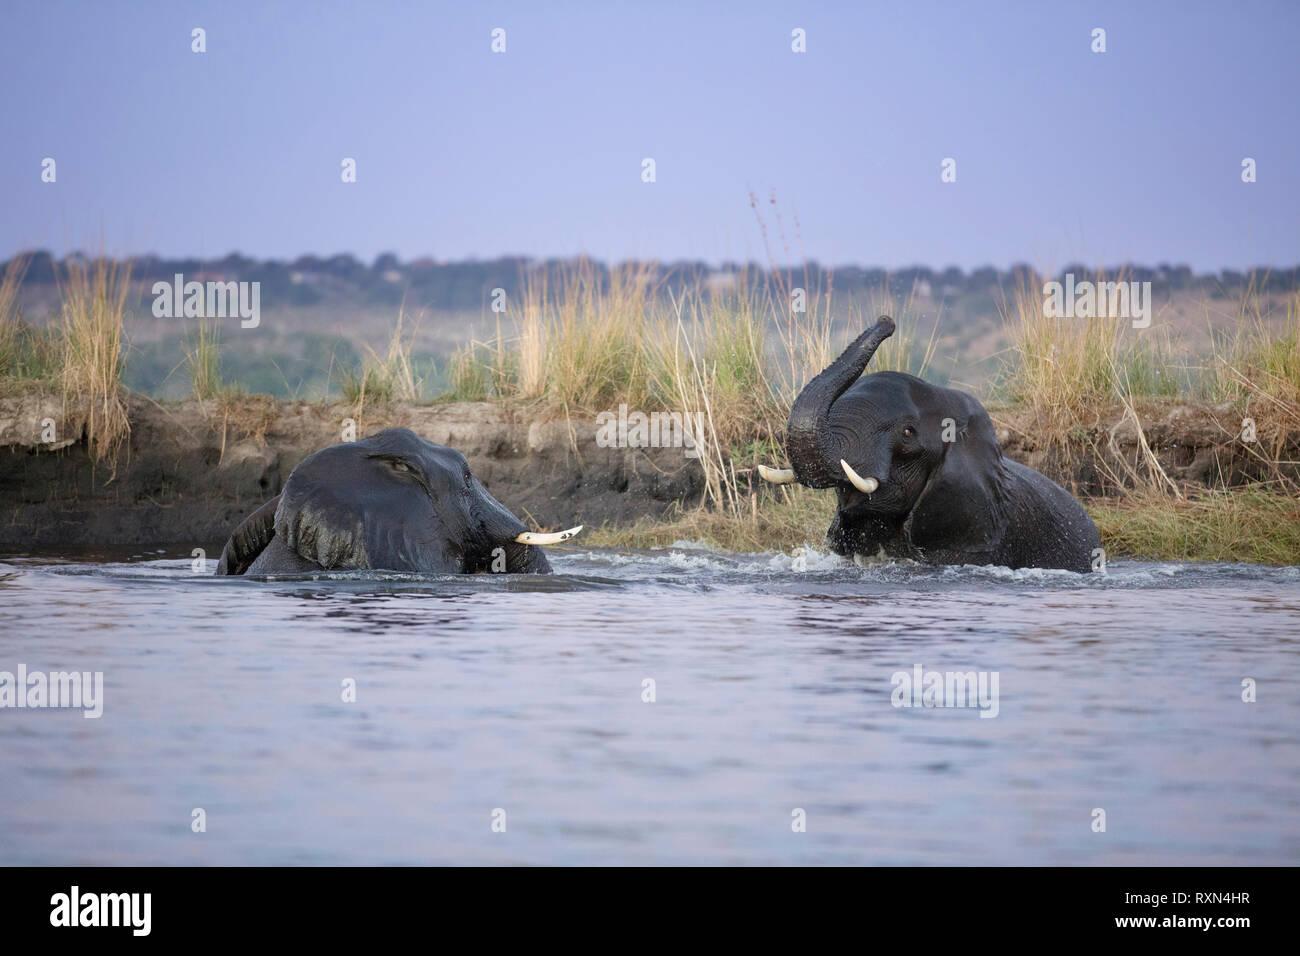 Elephants play in the Chobe River, Botswana. - Stock Image